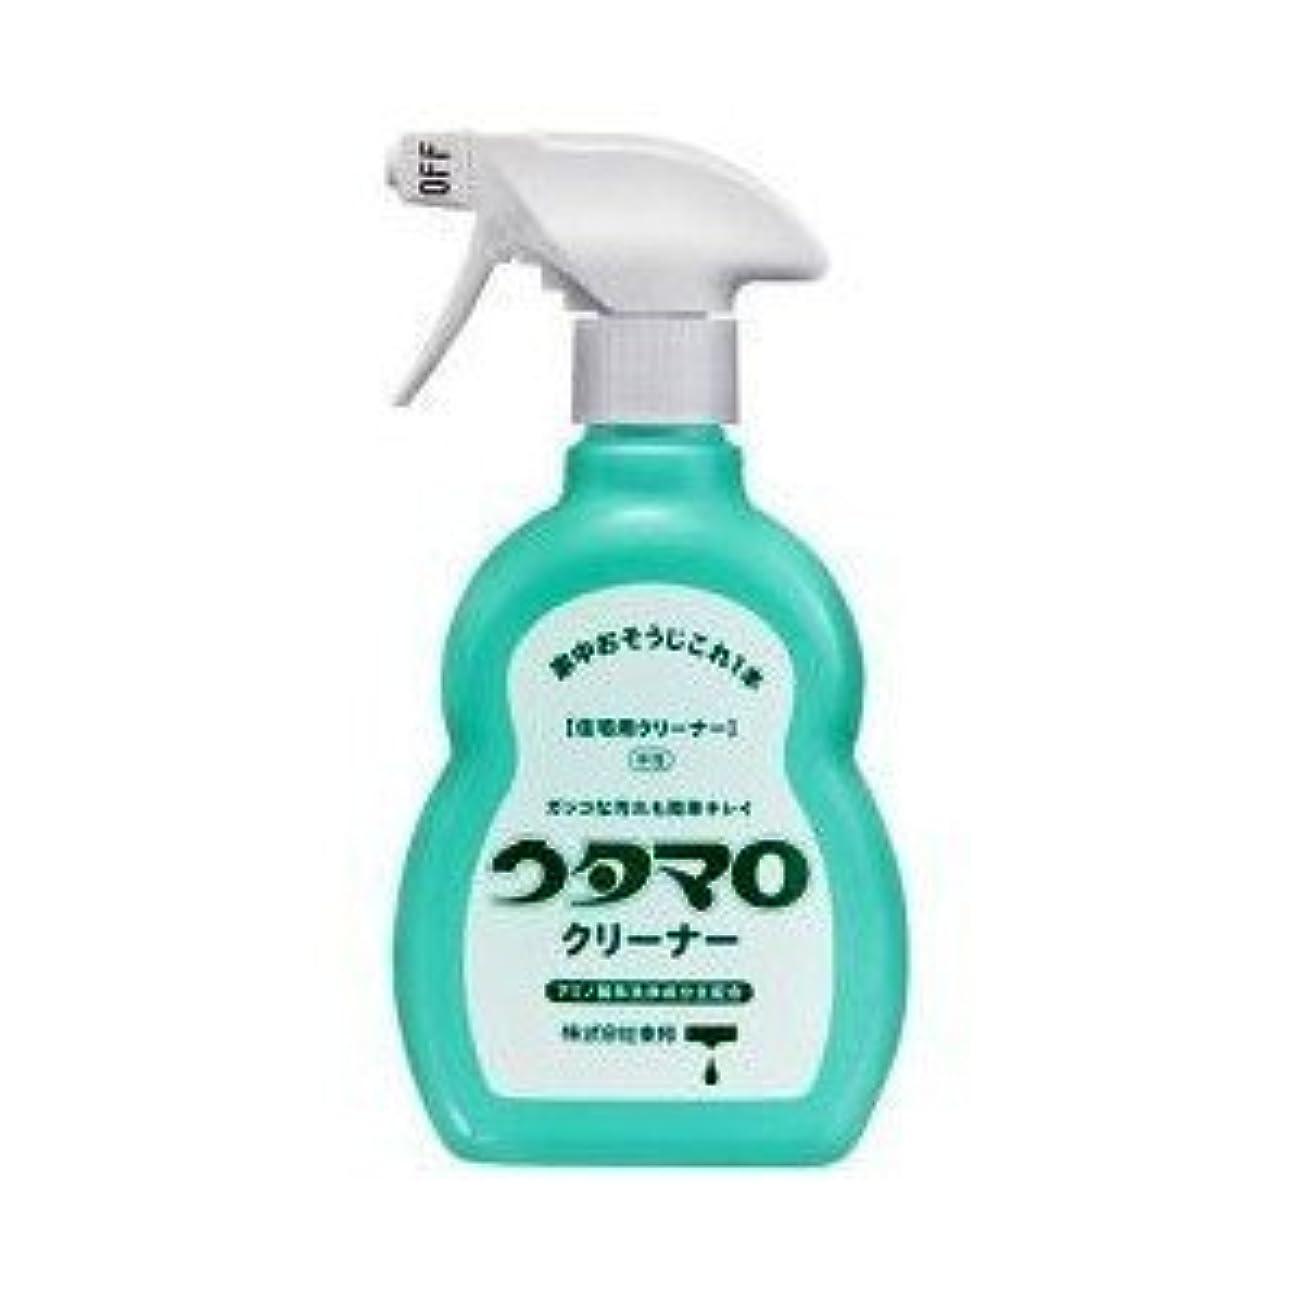 そんなにぺディカブ強いますウタマロ クリーナー 400ml 洗剤 住居用 アミノ酸系洗浄成分主配合 さわやかなグリーンハーブの香り